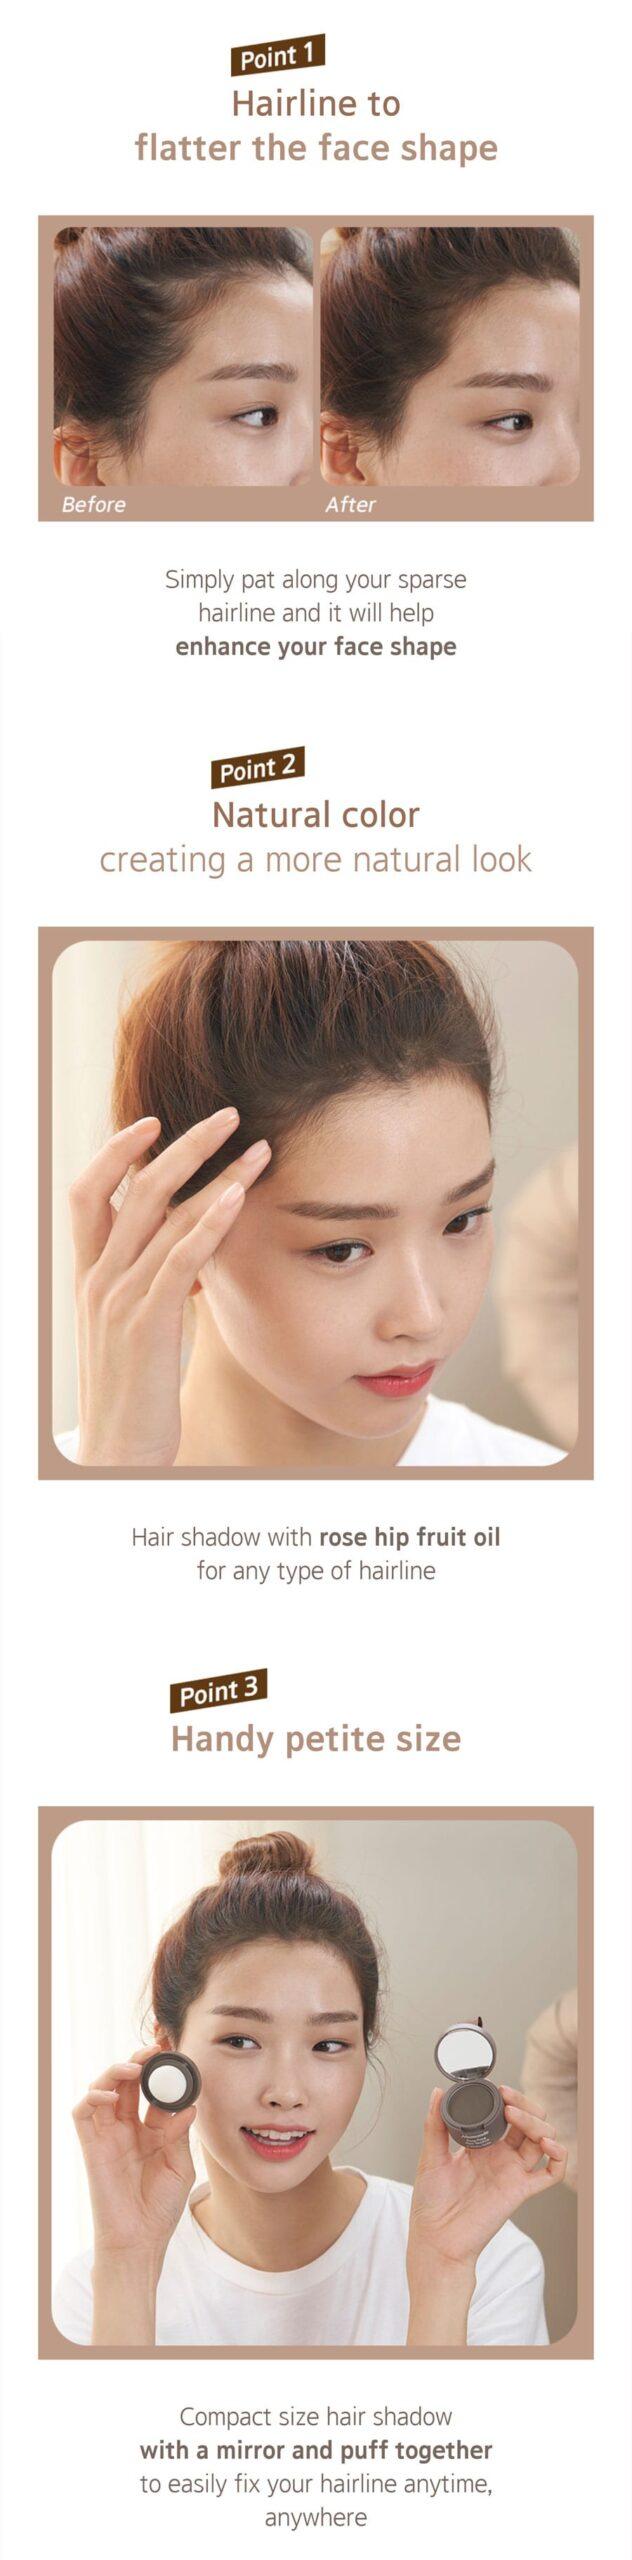 Pang Pang Hair Shadow - Point